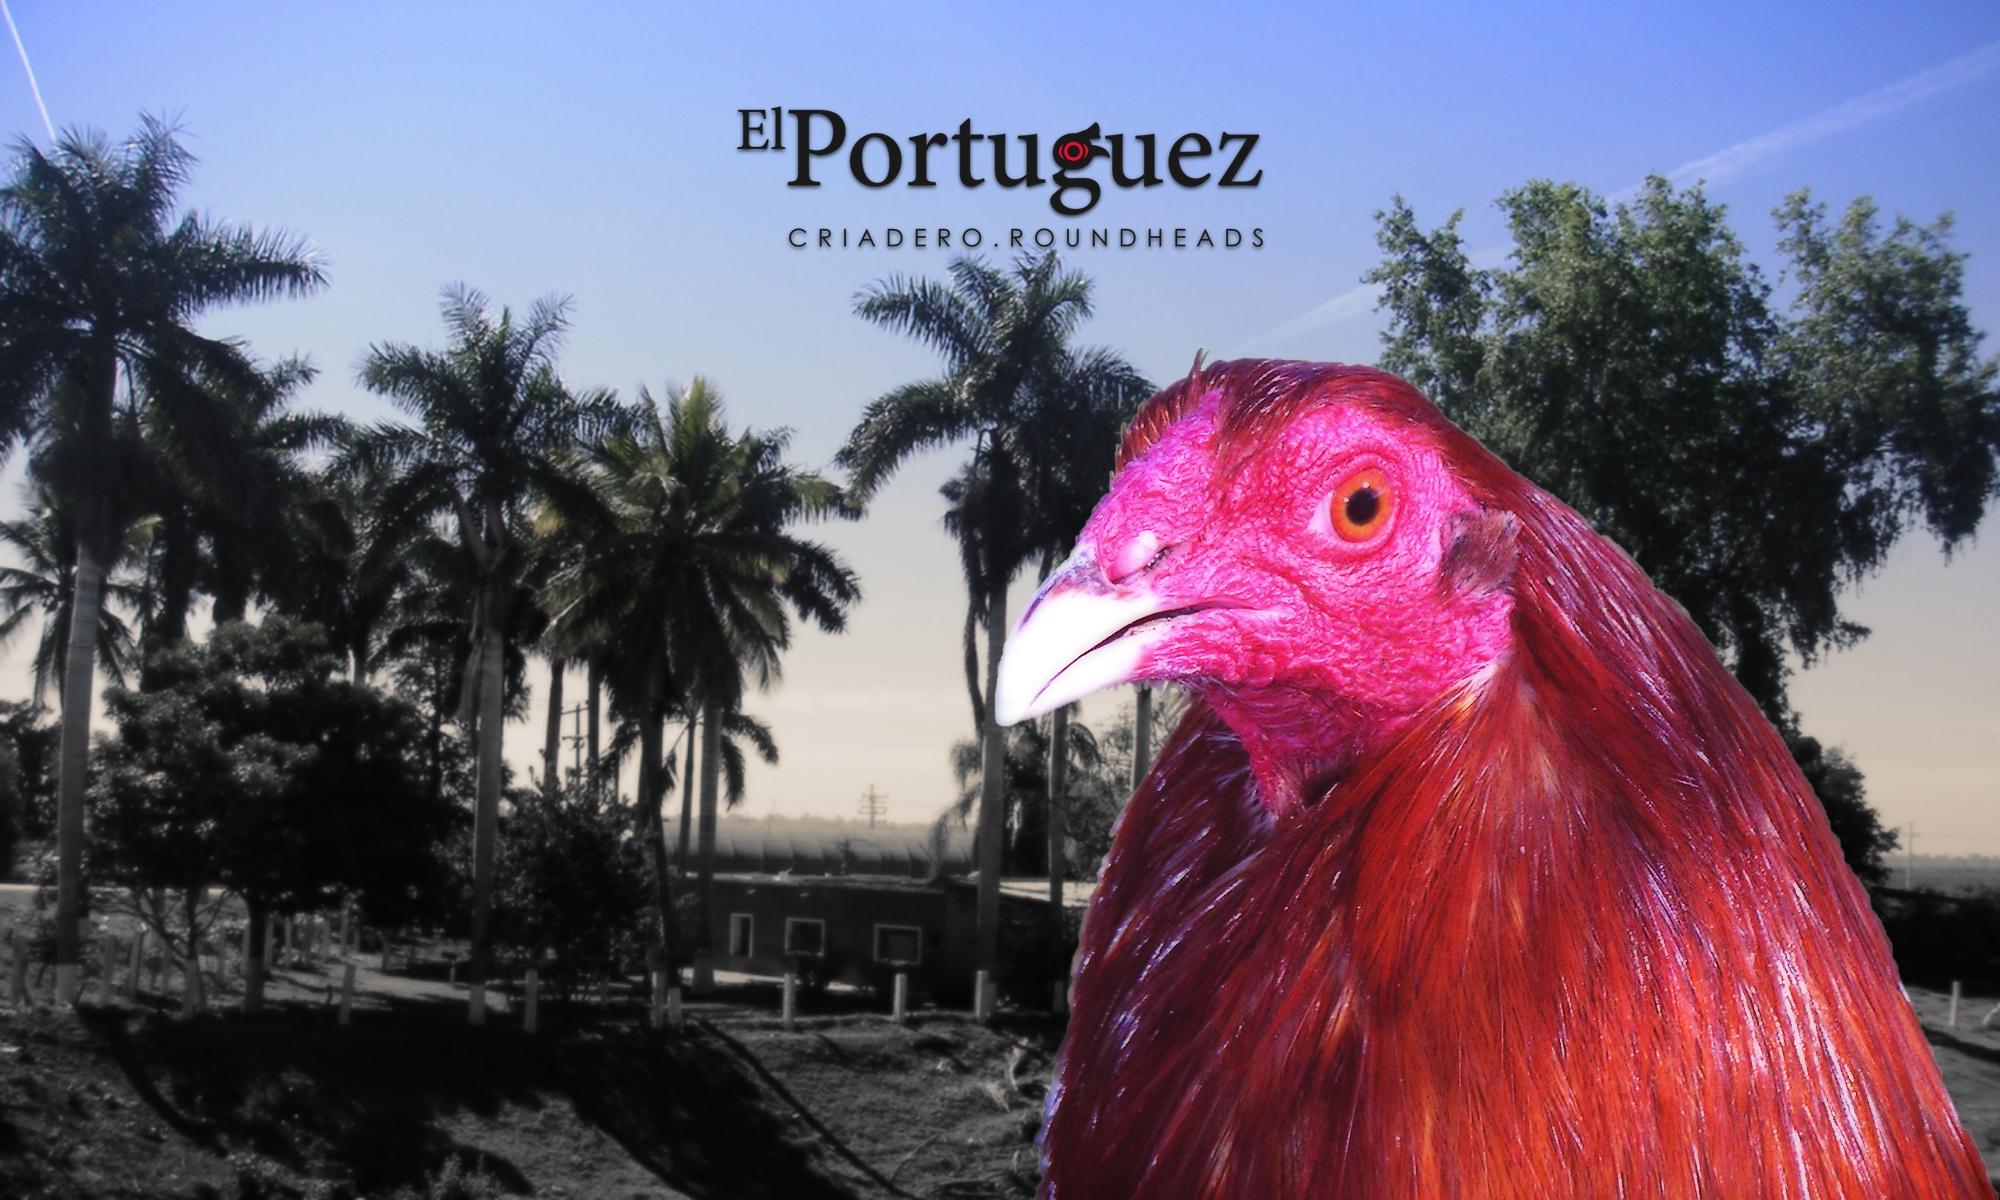 El Portuguez